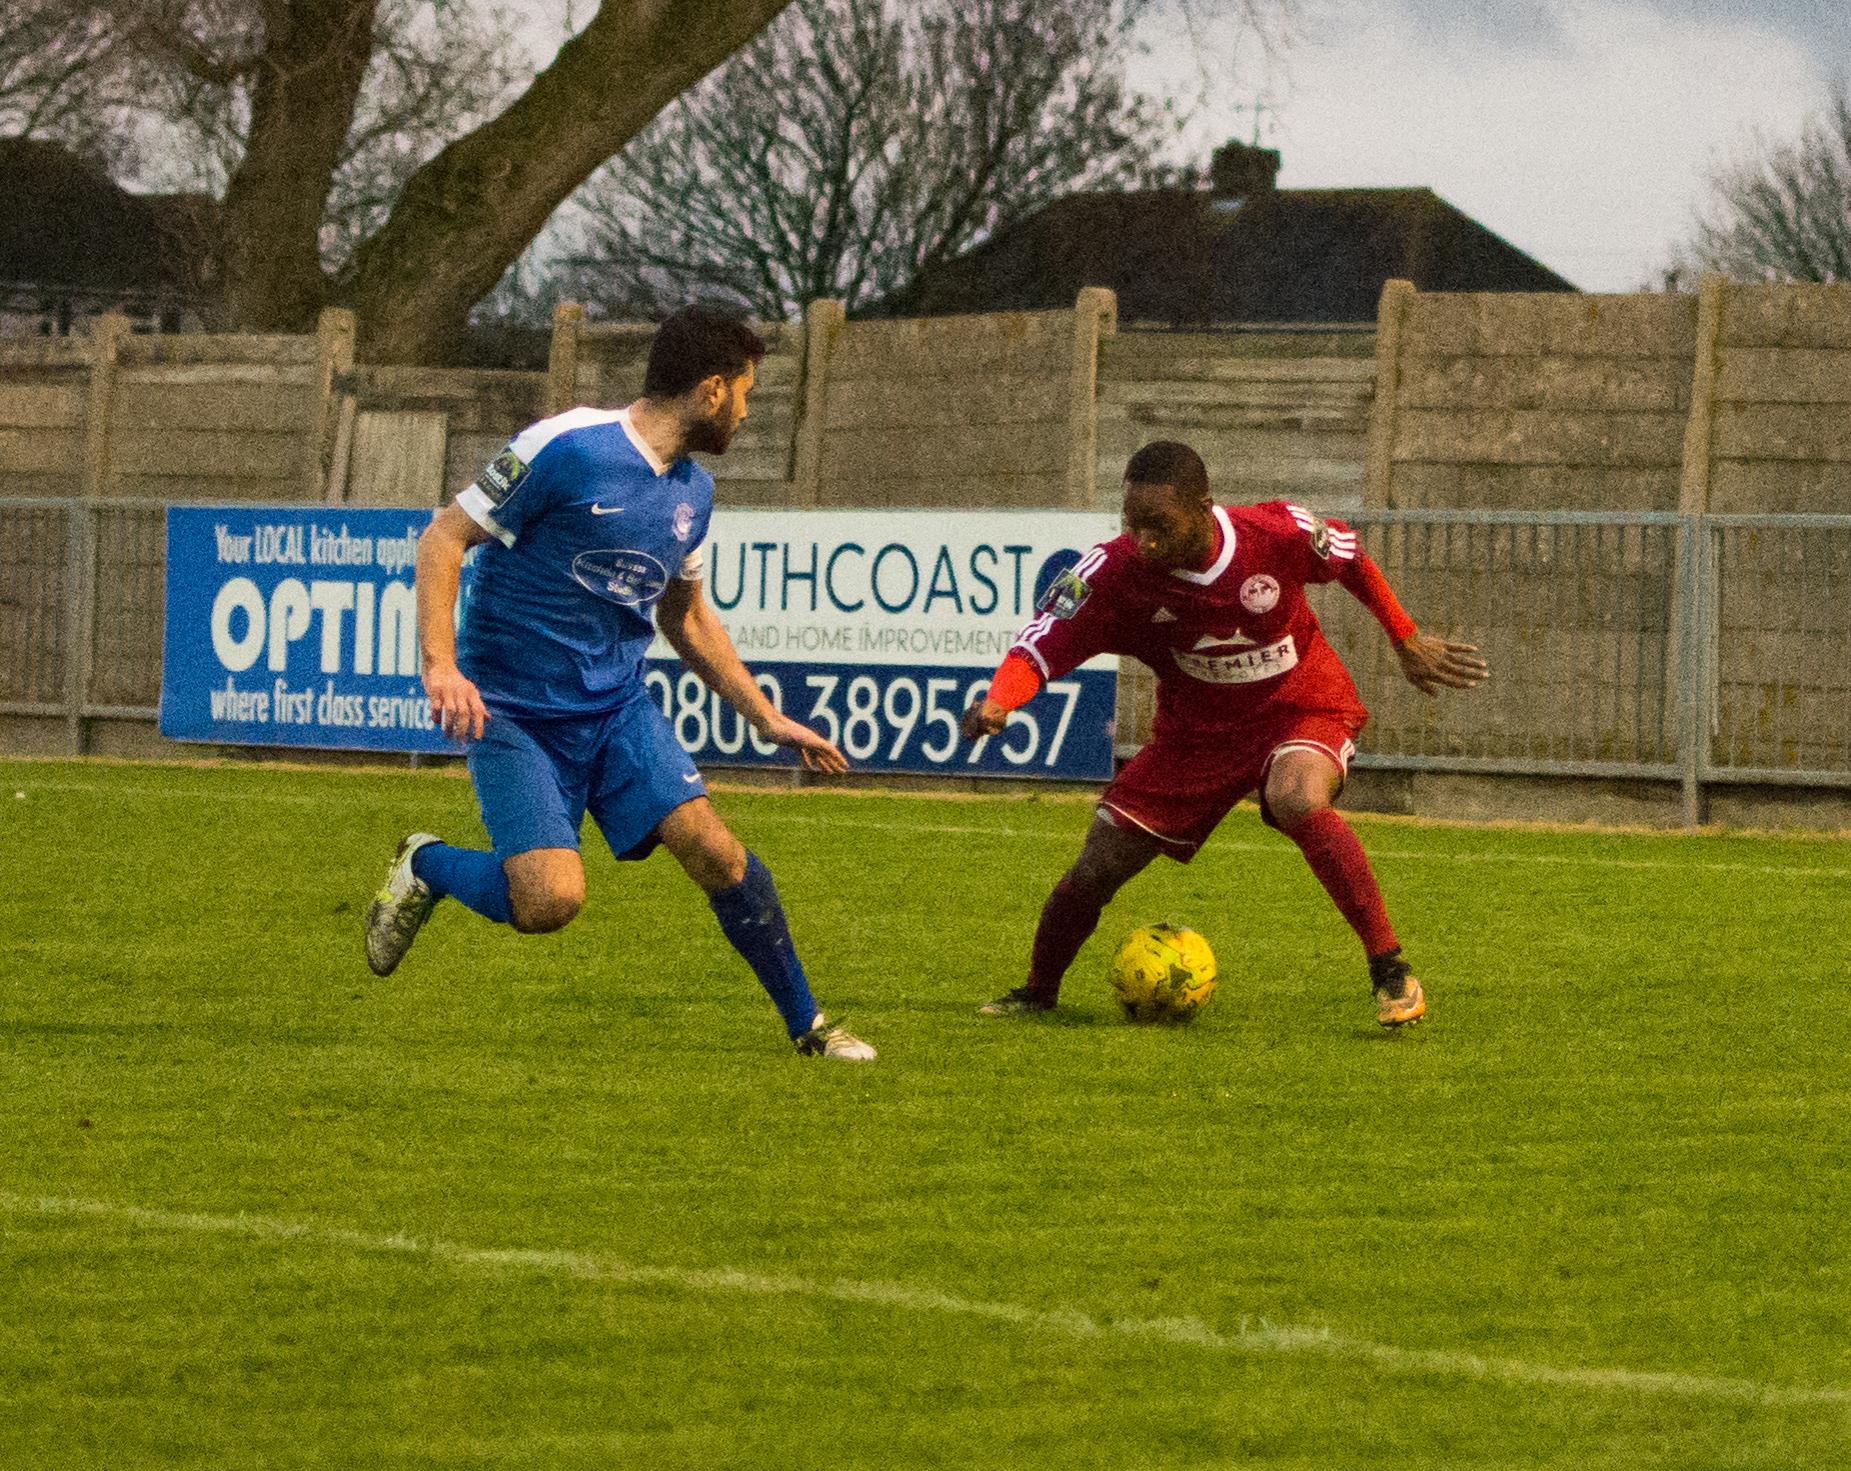 Shoreham FC vs Hythe Town 11.11.17 73